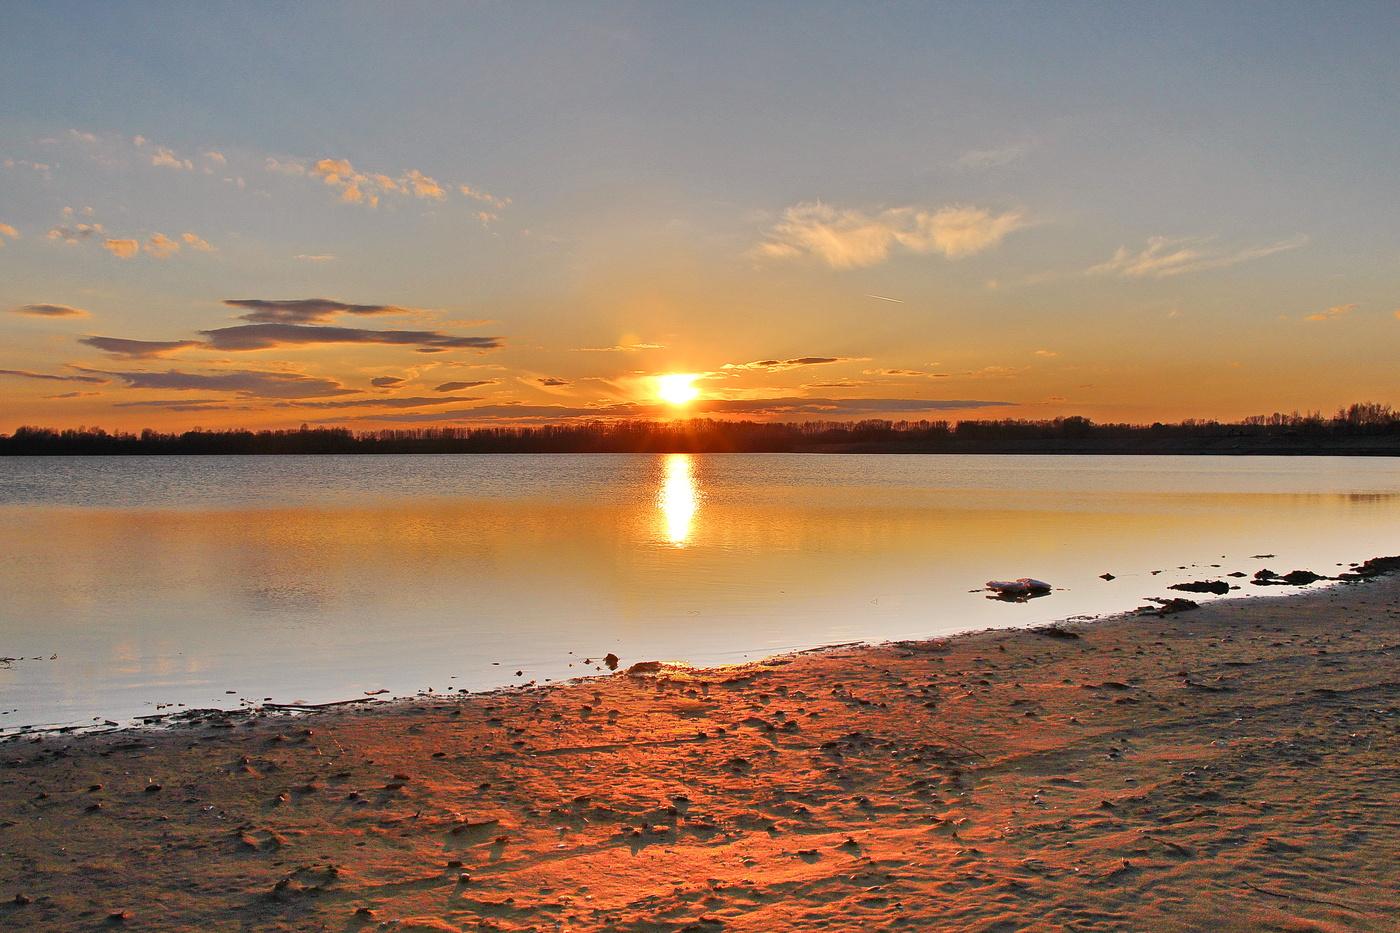 котовское море тамбов фото маникюра